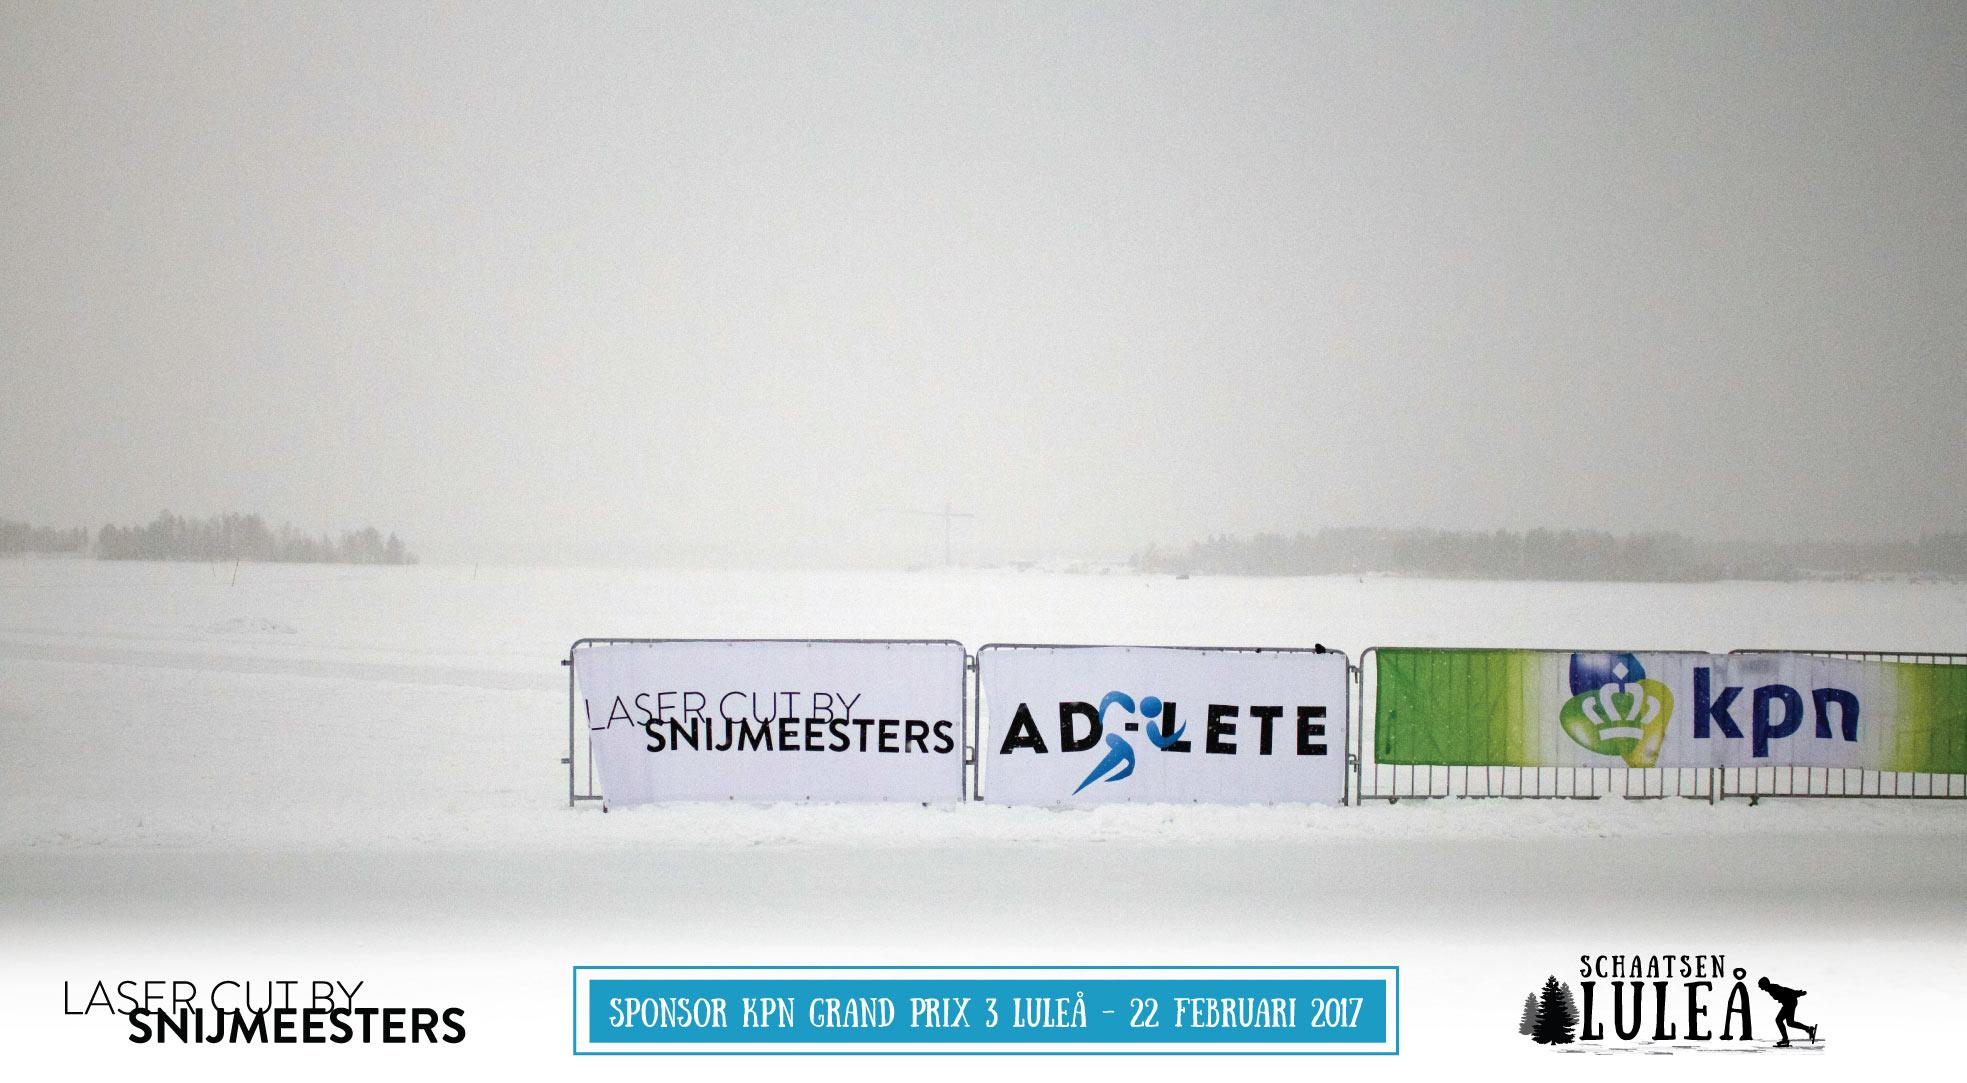 snijmeester-zweden-natuurijs-lulea-lapland-kpn